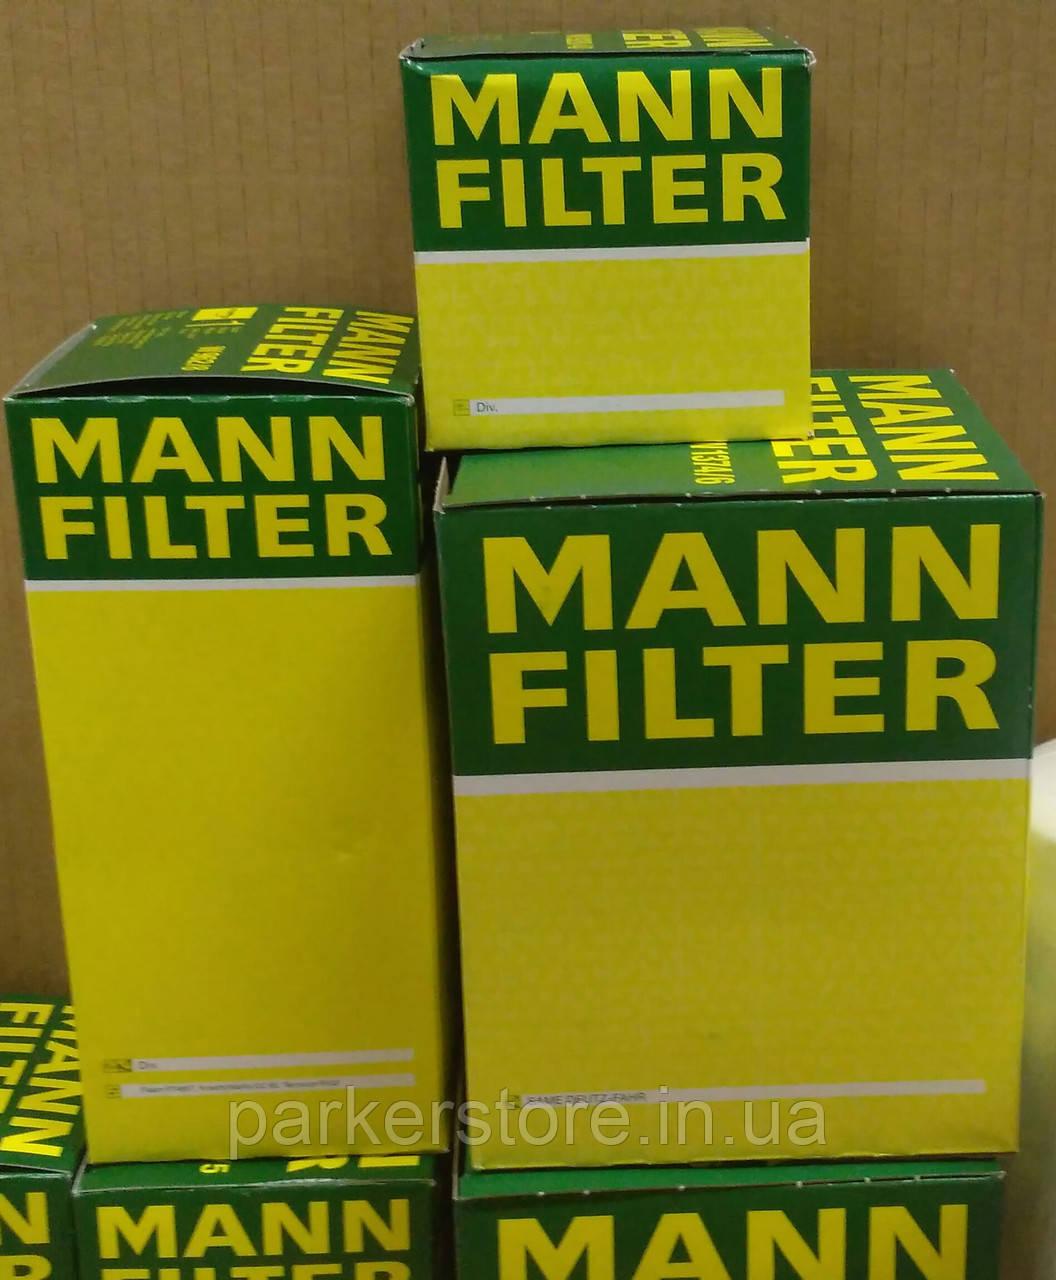 MANN FILTER / Повітряний фільтр / C 26 773 / C26773